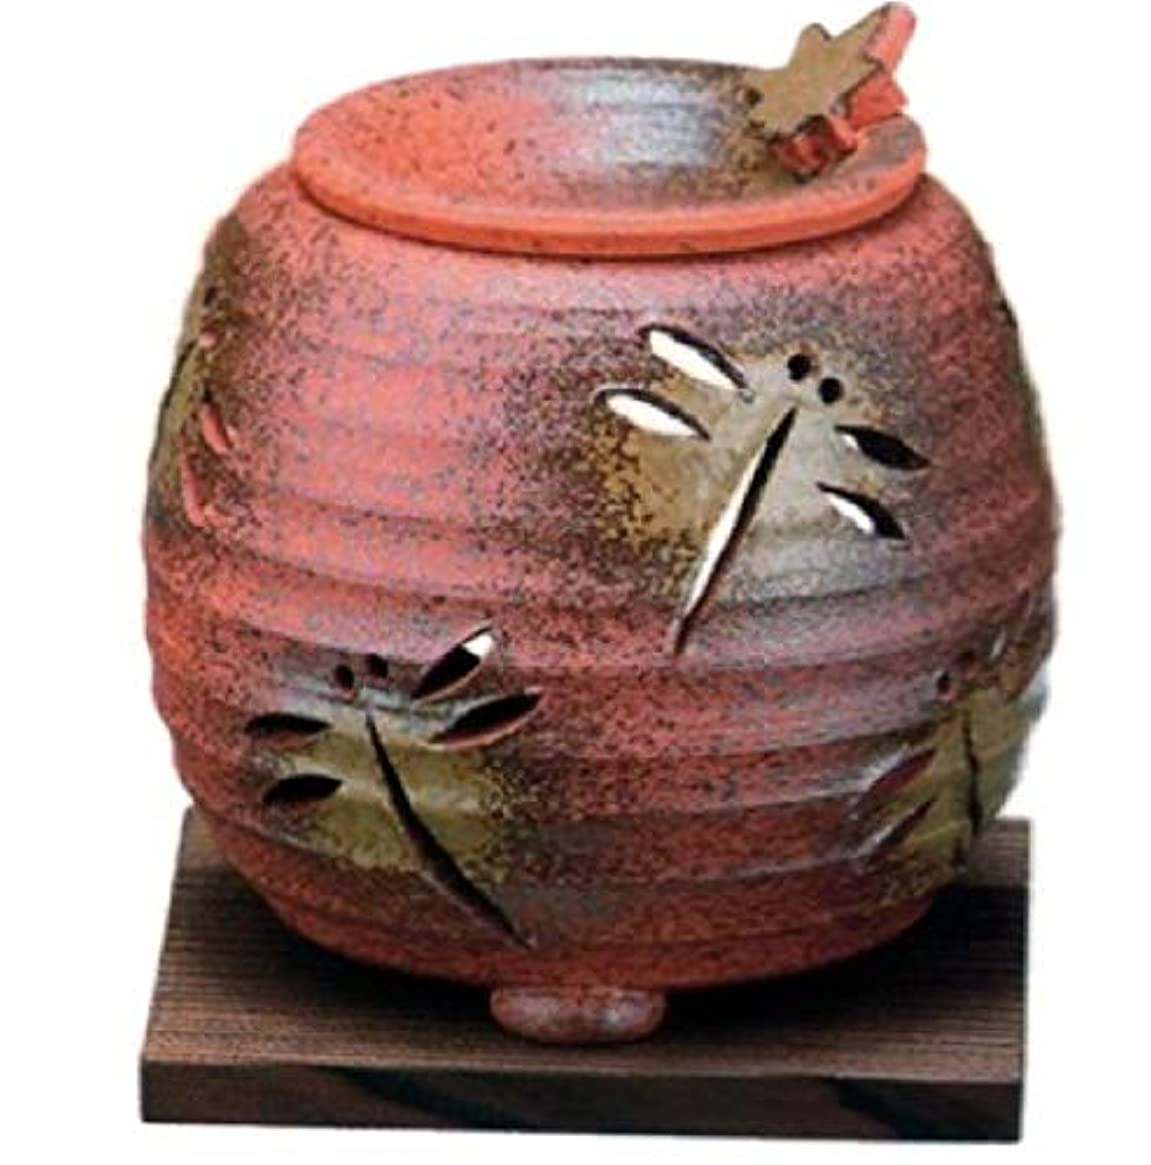 テンポ視線習字常滑焼 3-830 石龍焼〆千段トンボ茶香炉 石龍φ11×H11㎝